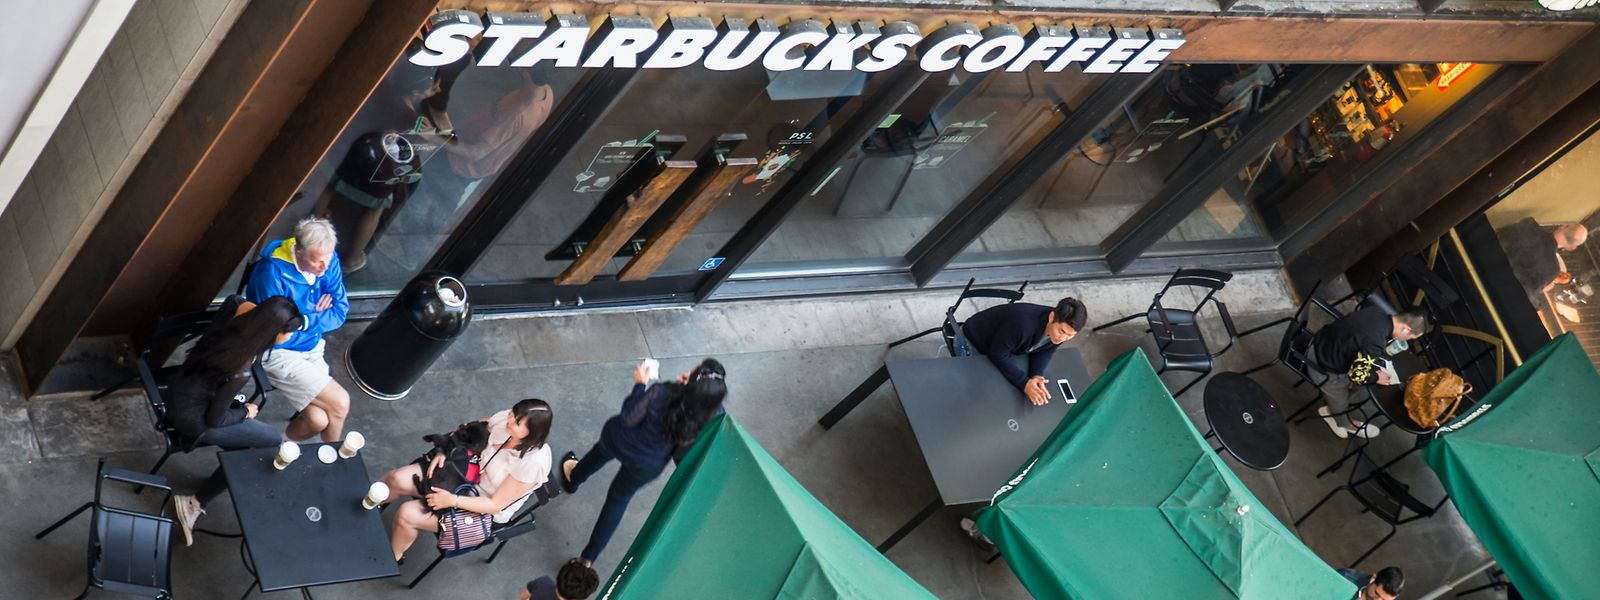 Wird Starbucks bald die kleinen Cafés in Italiens Städten verdrängen?